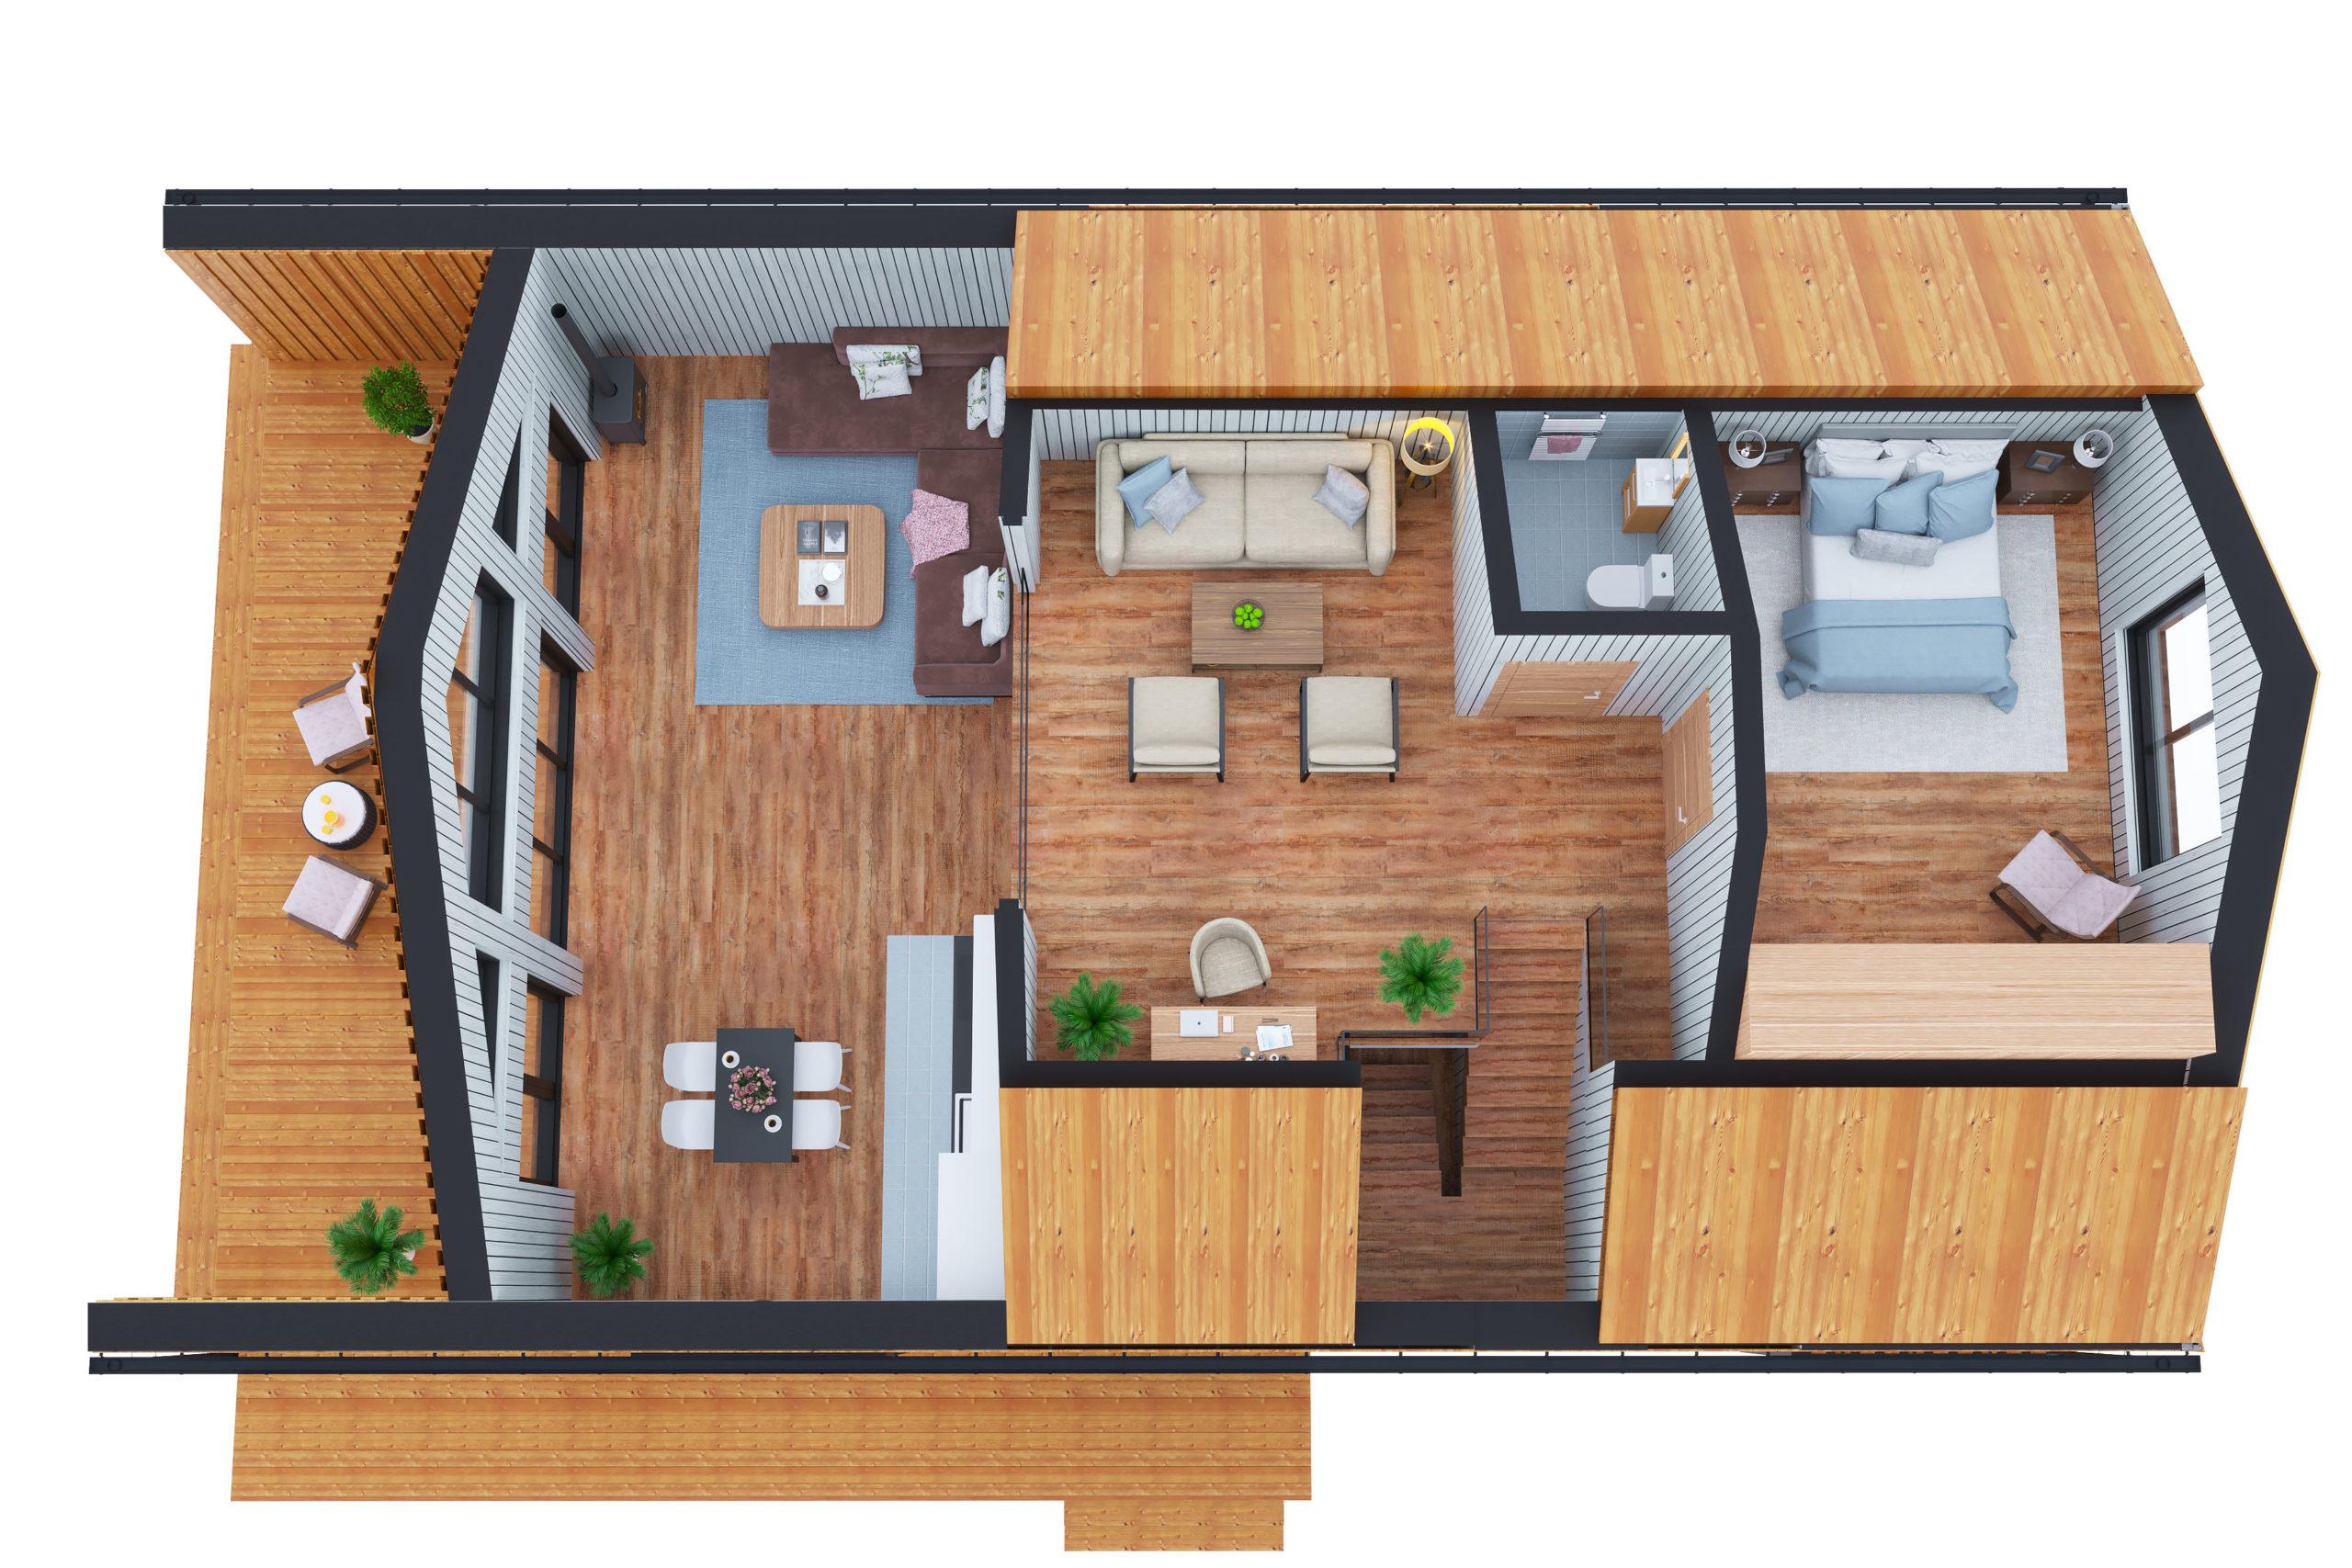 Планировка дома Инголь (Ingol) – фото 2